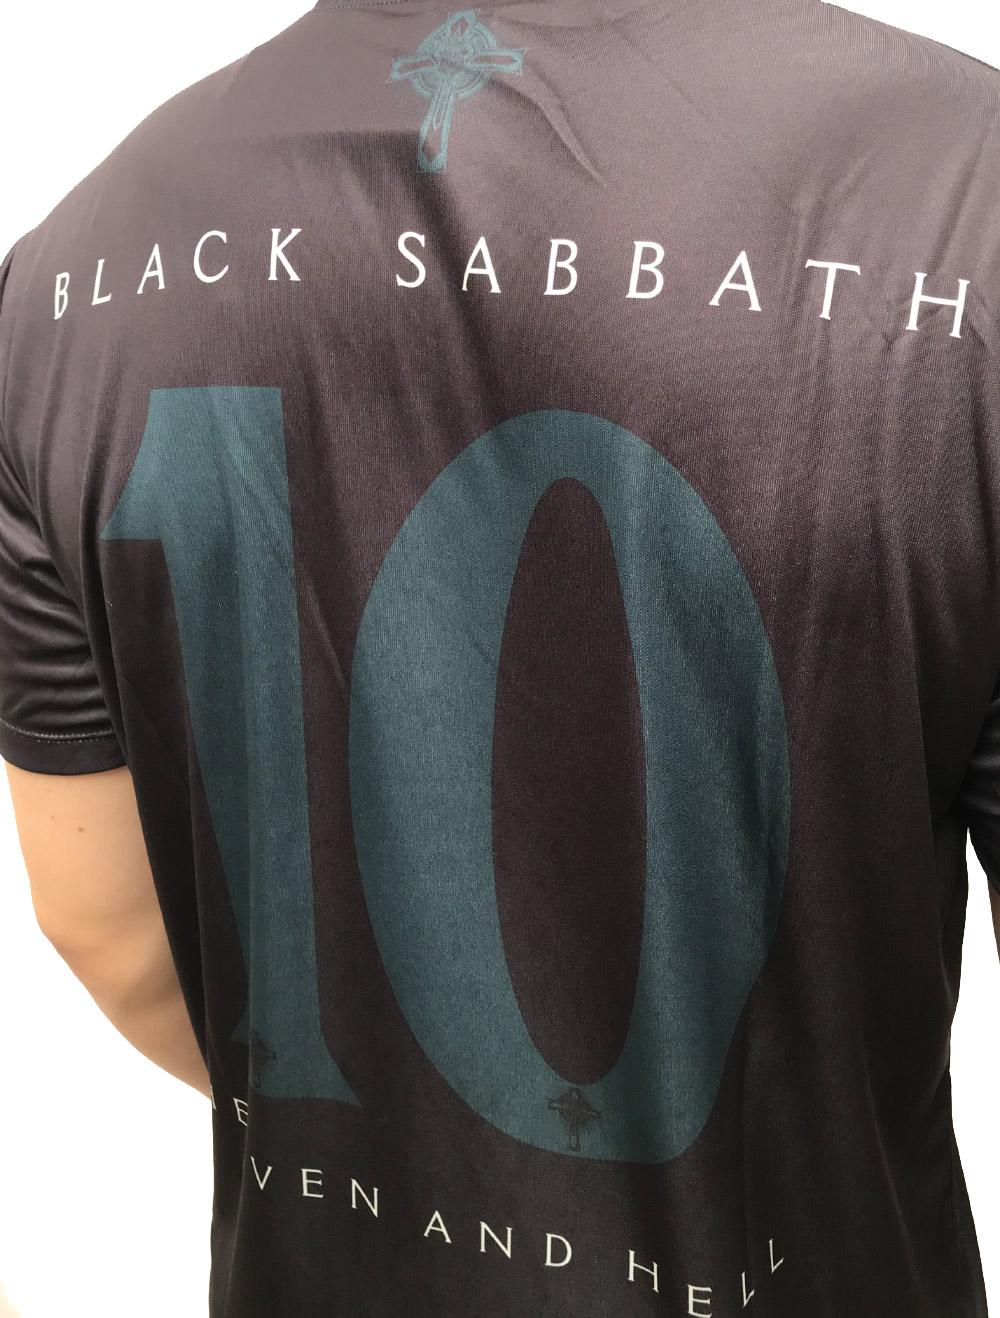 CAMISA DE FUTEBOL BLACK SABBATH - HEAVEN AND HELL